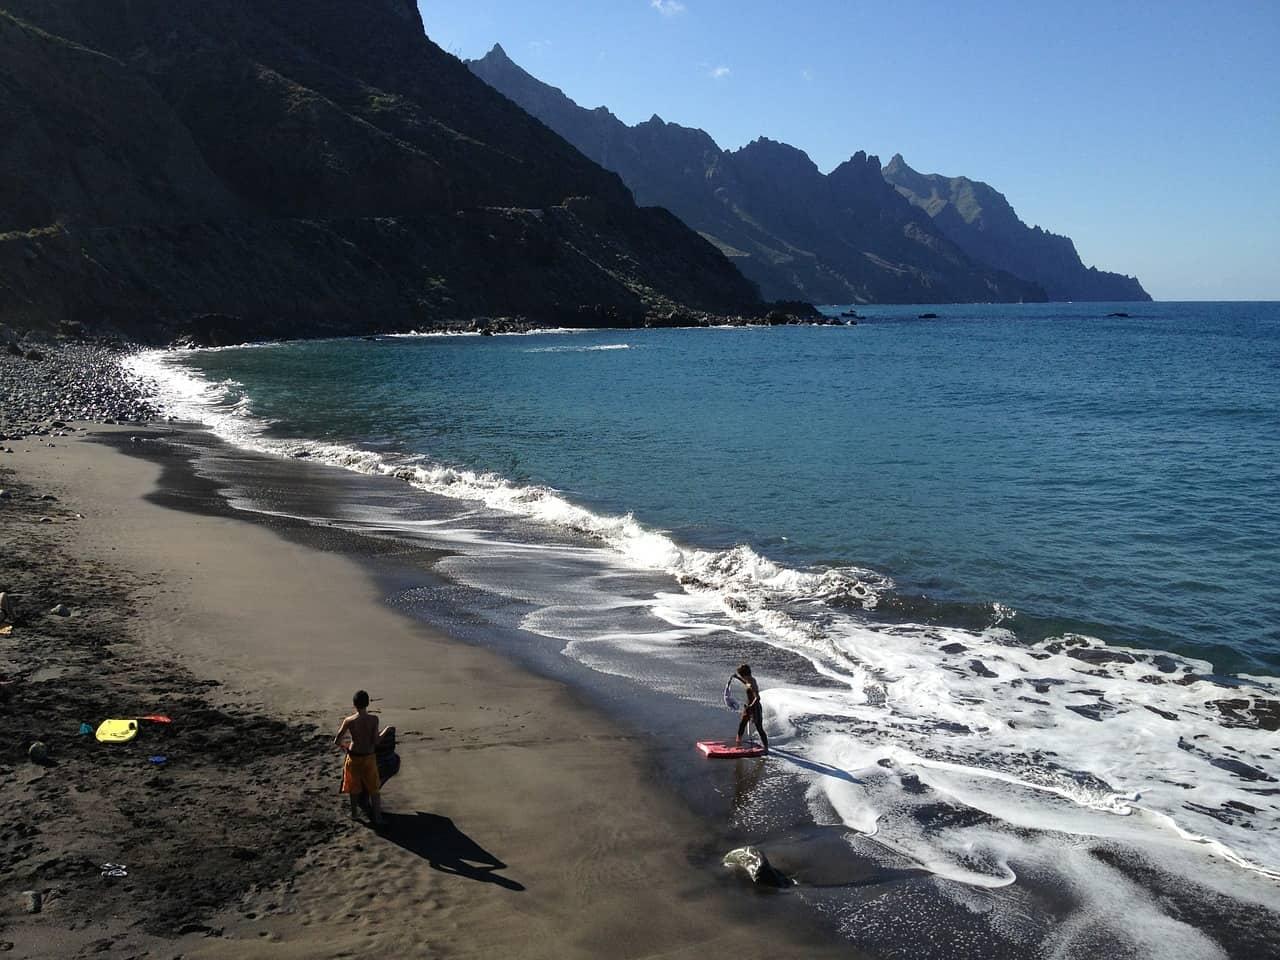 playa de arena en la isla de Tenerife, Canarias